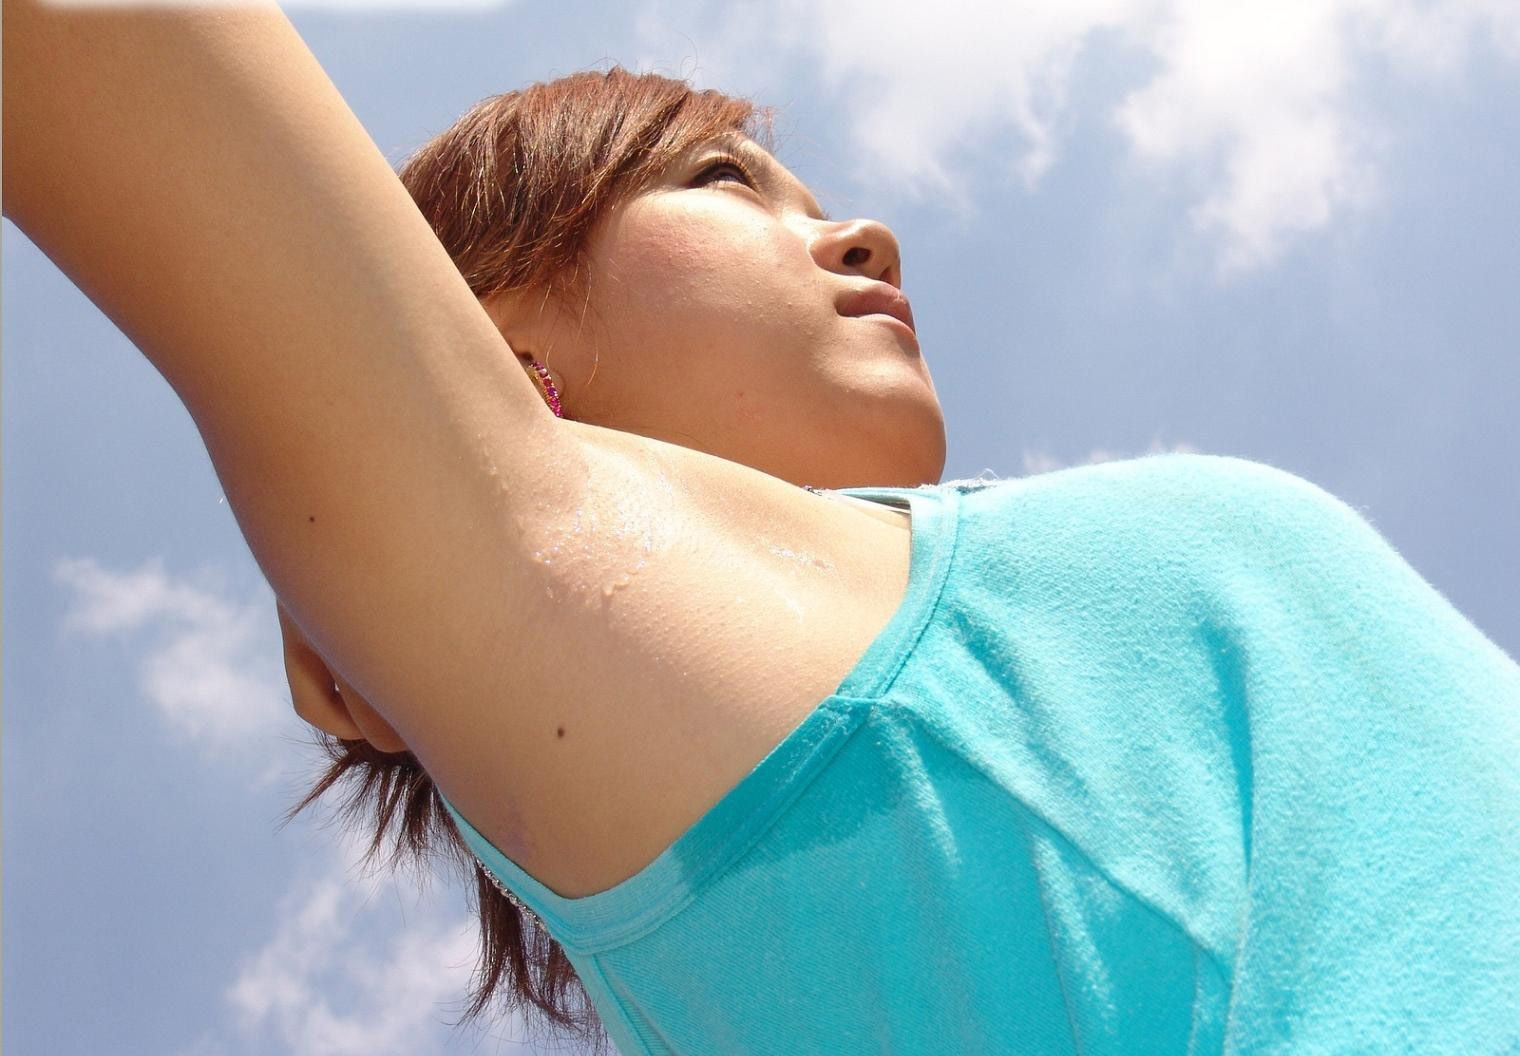 【腋フェチエロ画像】多少の剃り残しも問題なしw舐めたい人には極上な生腋(;´Д`)